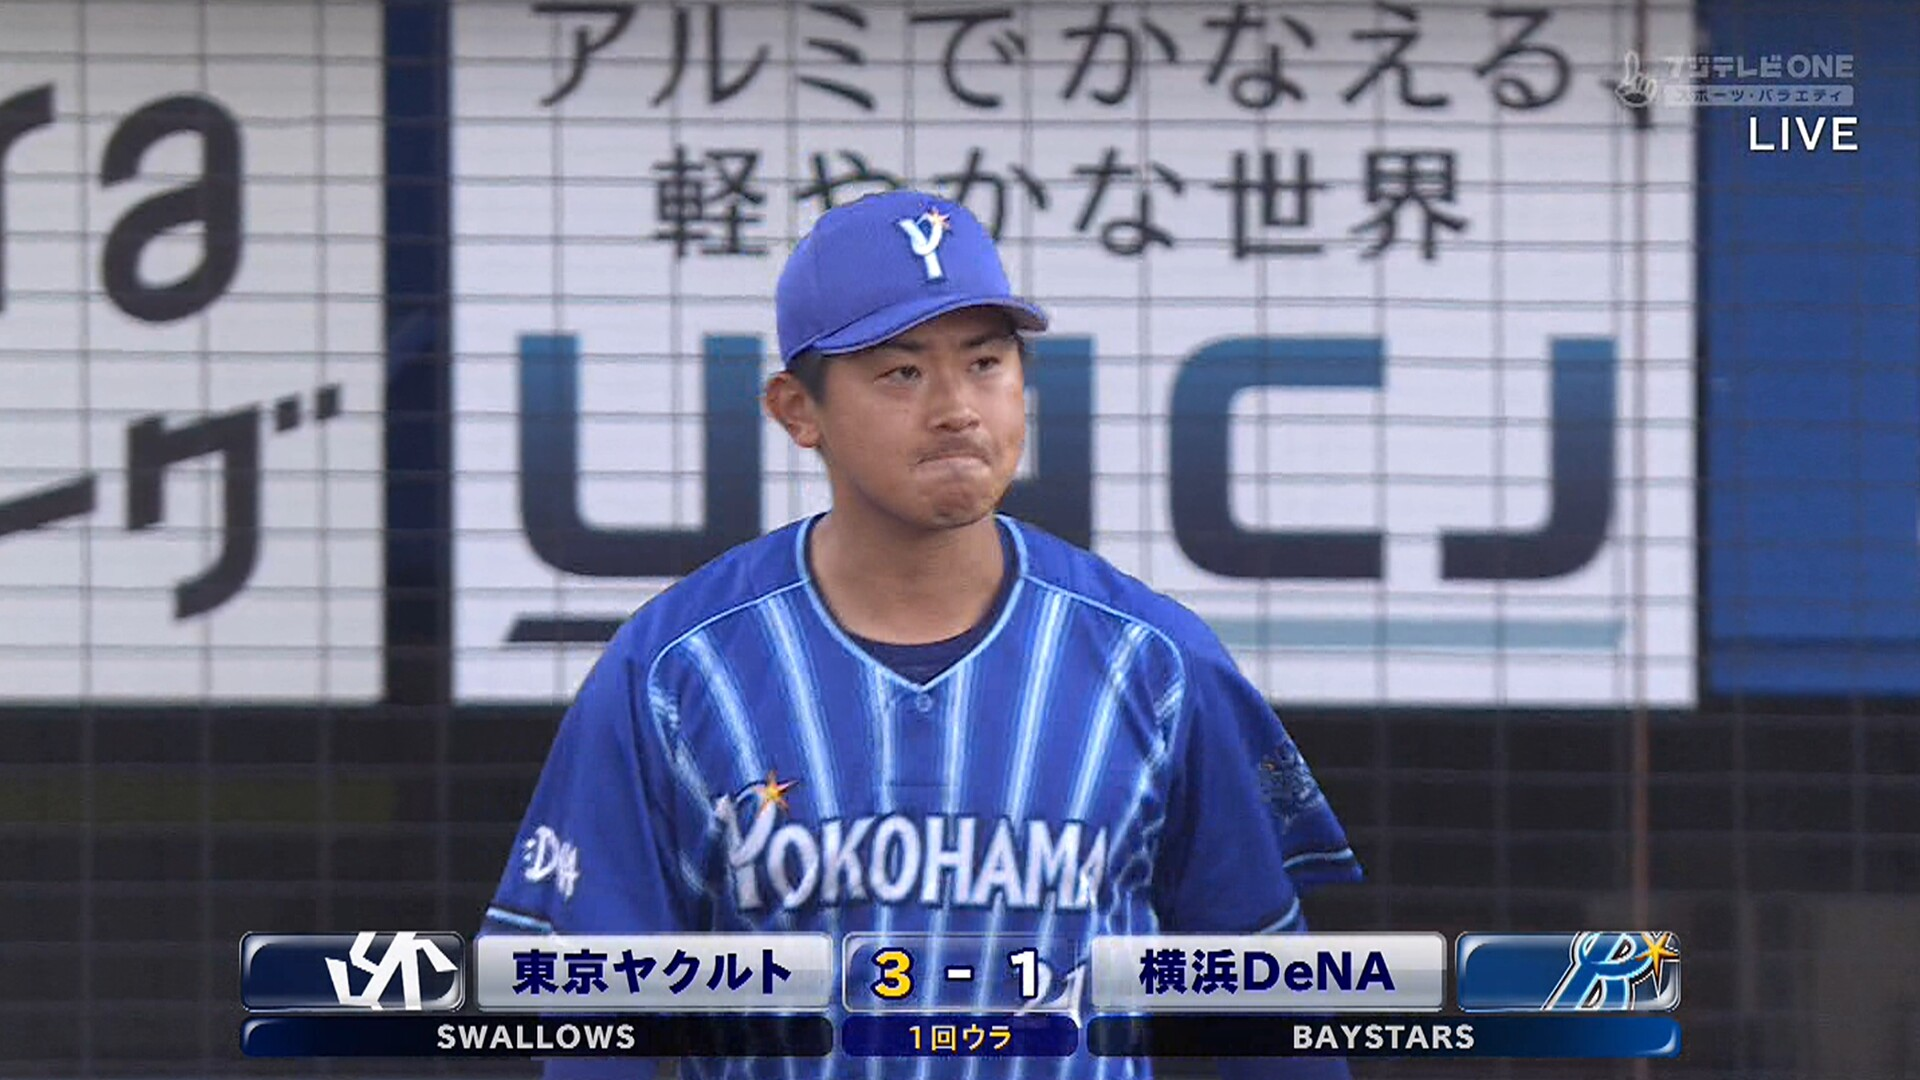 平松さん「今永は肩をかばっているのか、アーム式になっている。腕が振れていない」